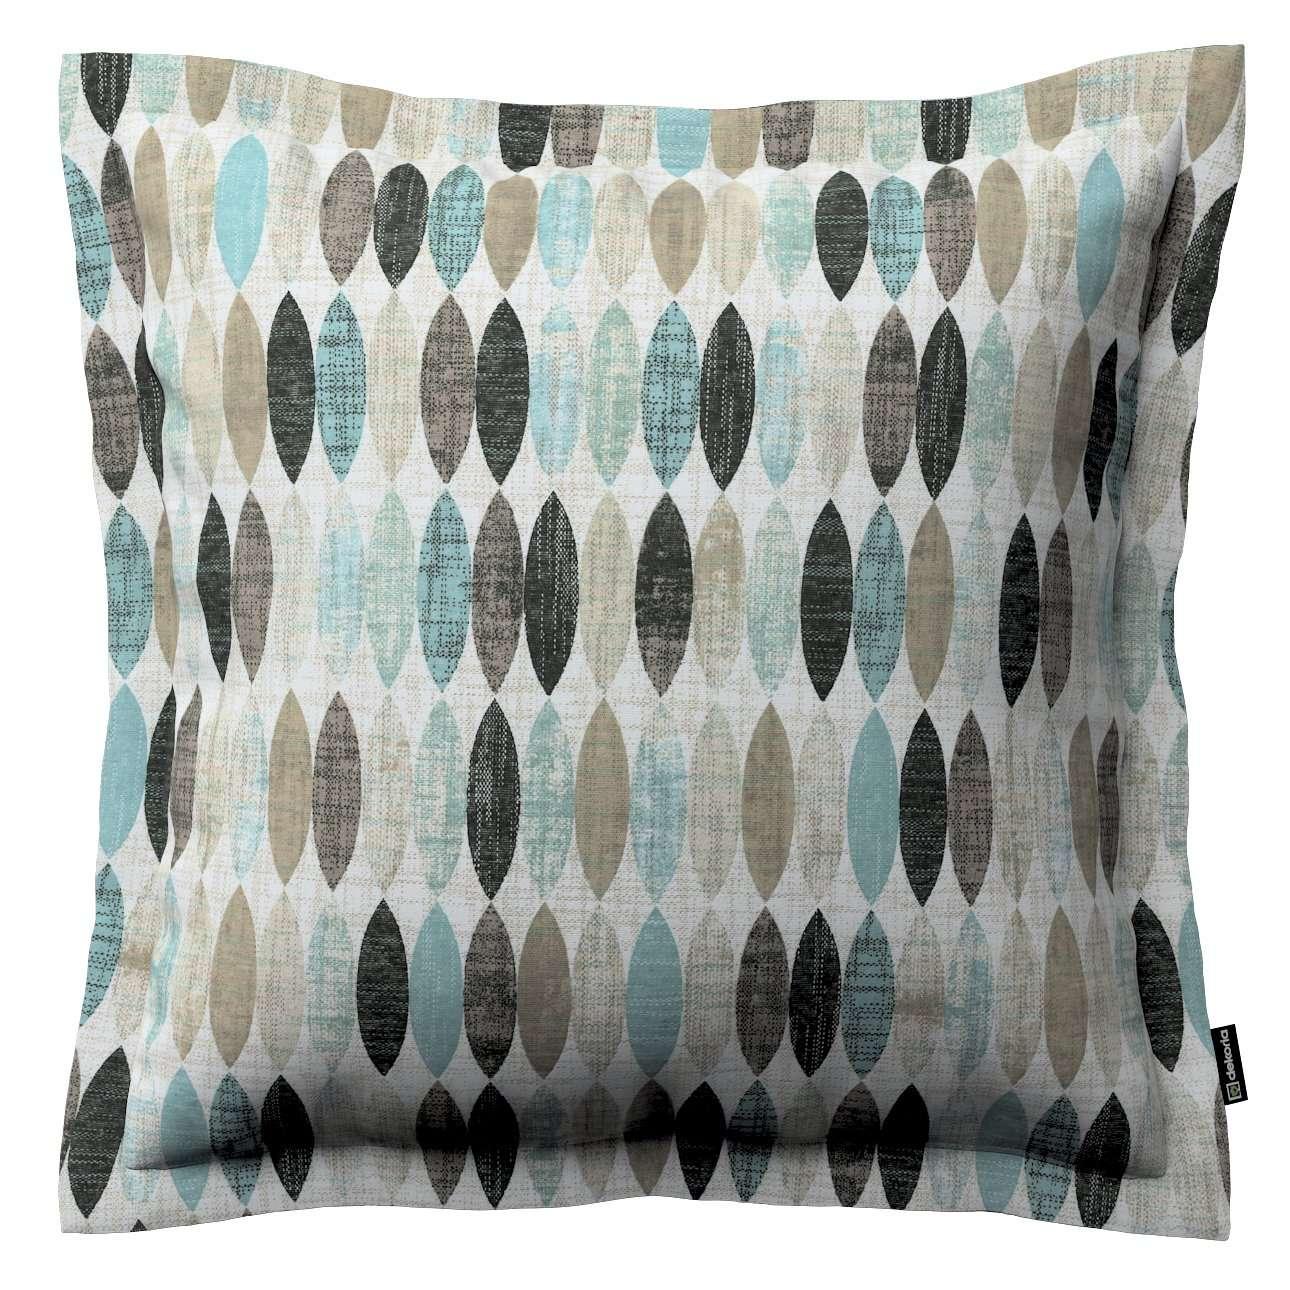 Poszewka Mona na poduszkę w kolekcji Modern, tkanina: 141-91